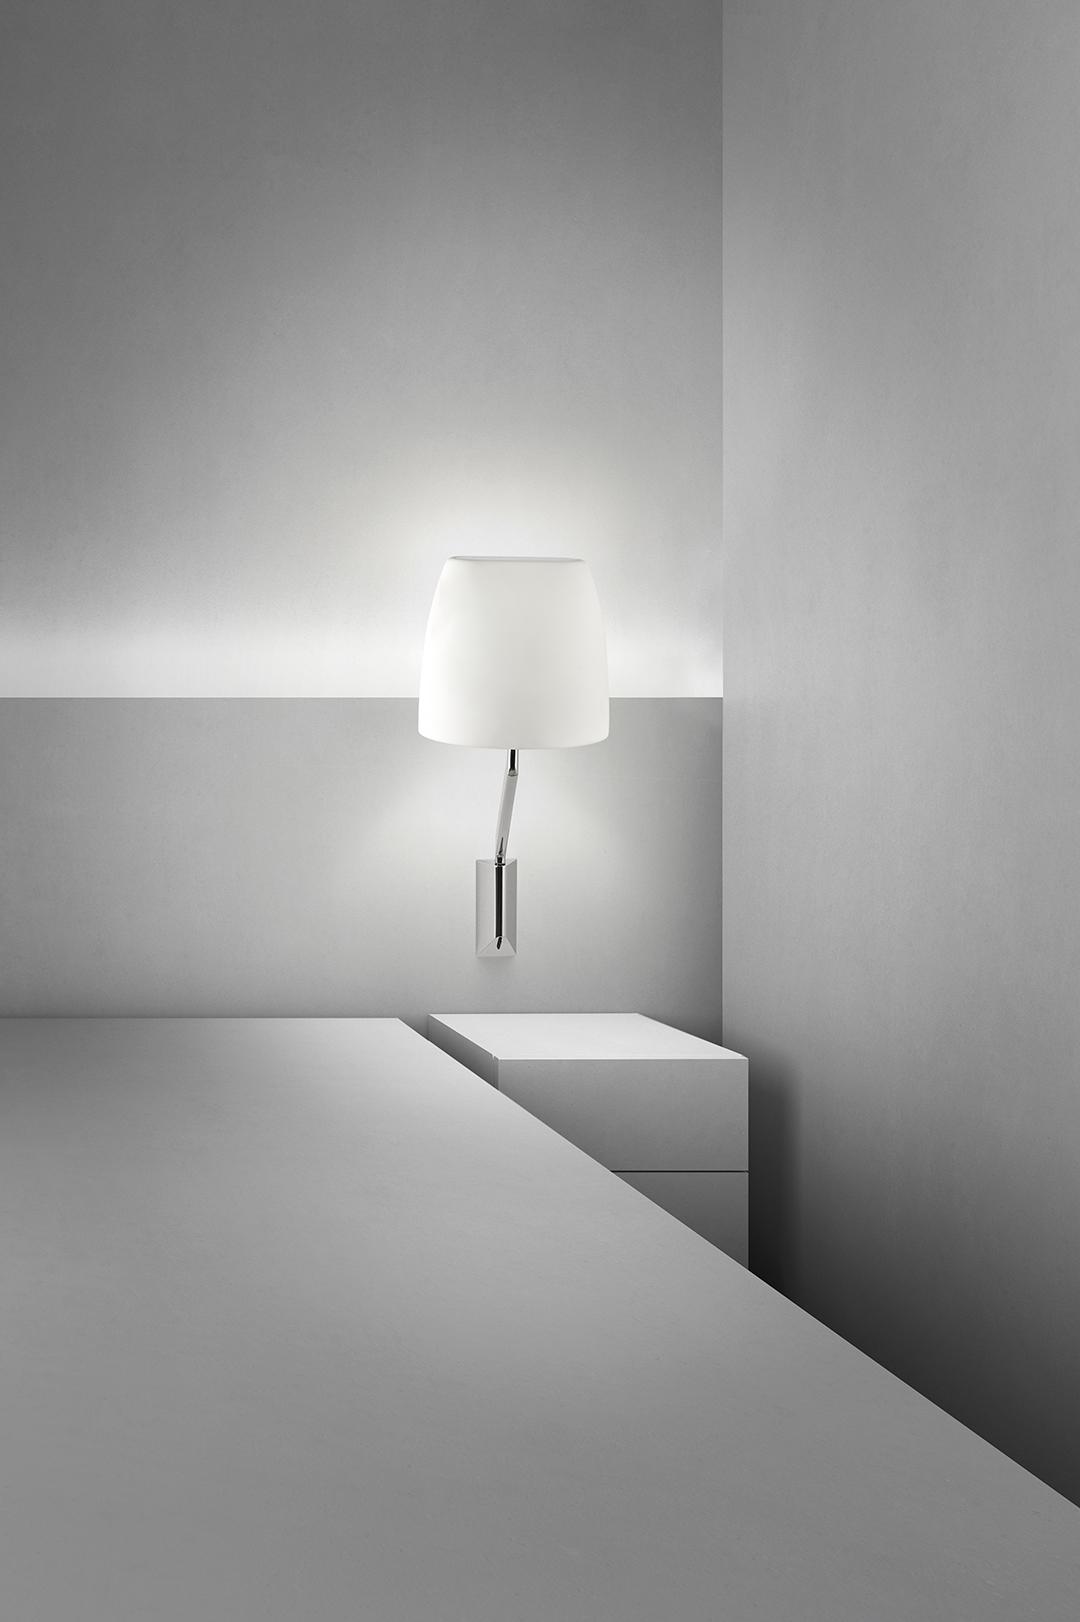 Flavia Wandlampe mit Schalter am Bett